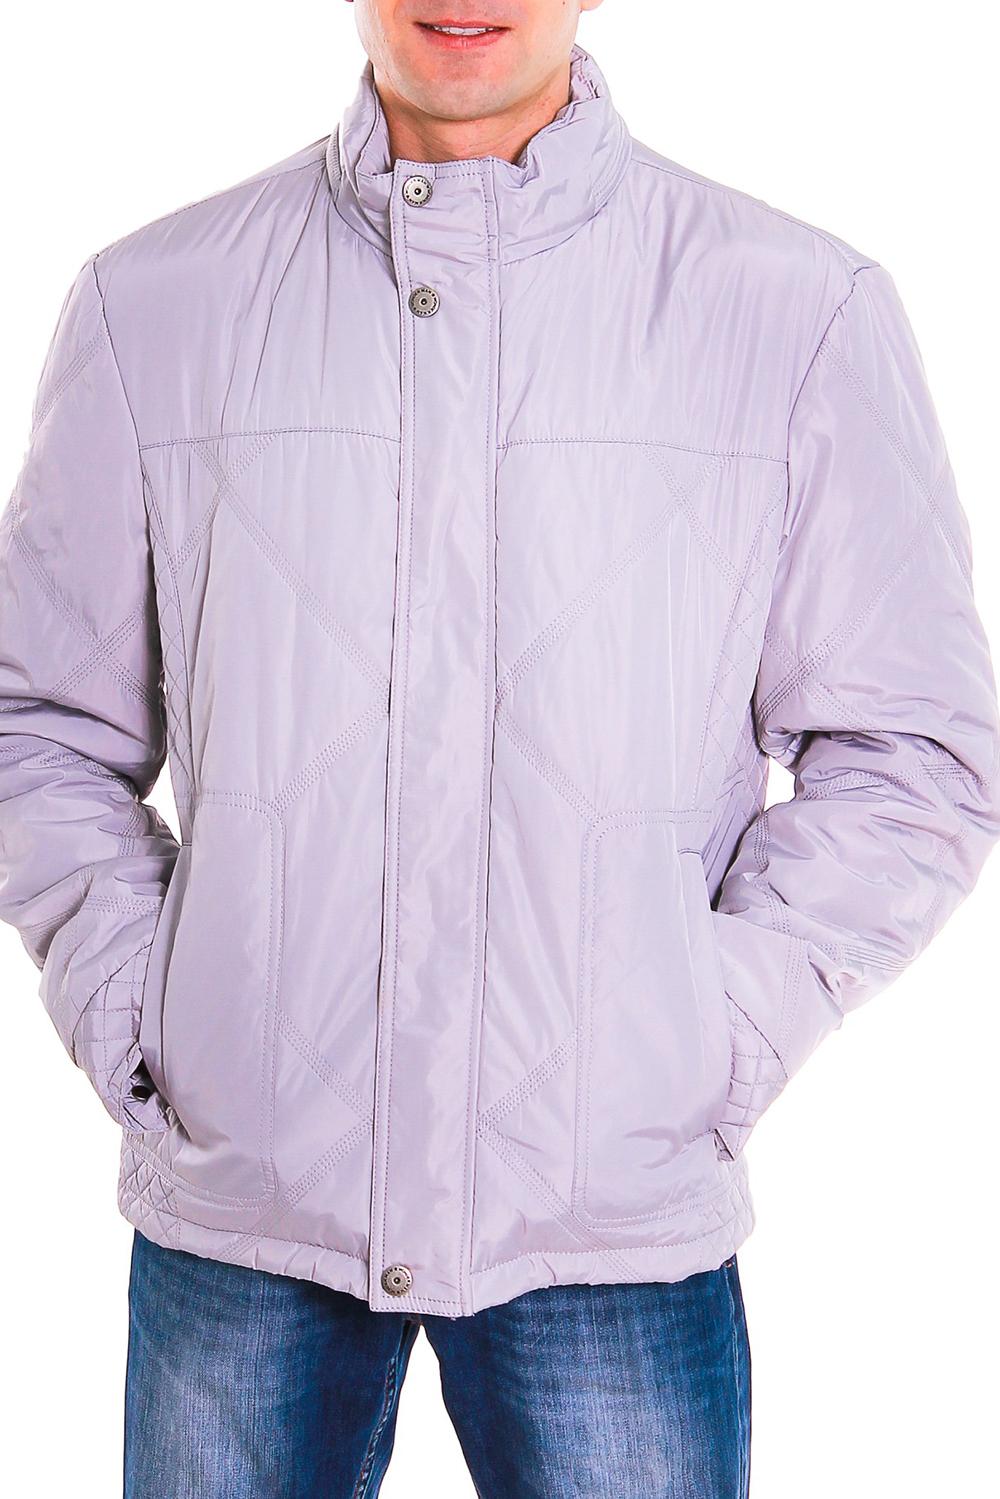 КурткаКуртки<br>Мужская утепленная куртка.<br><br>По сезону: Осень,Весна<br>Размер : 50,52<br>Материал: Болонья<br>Количество в наличии: 2